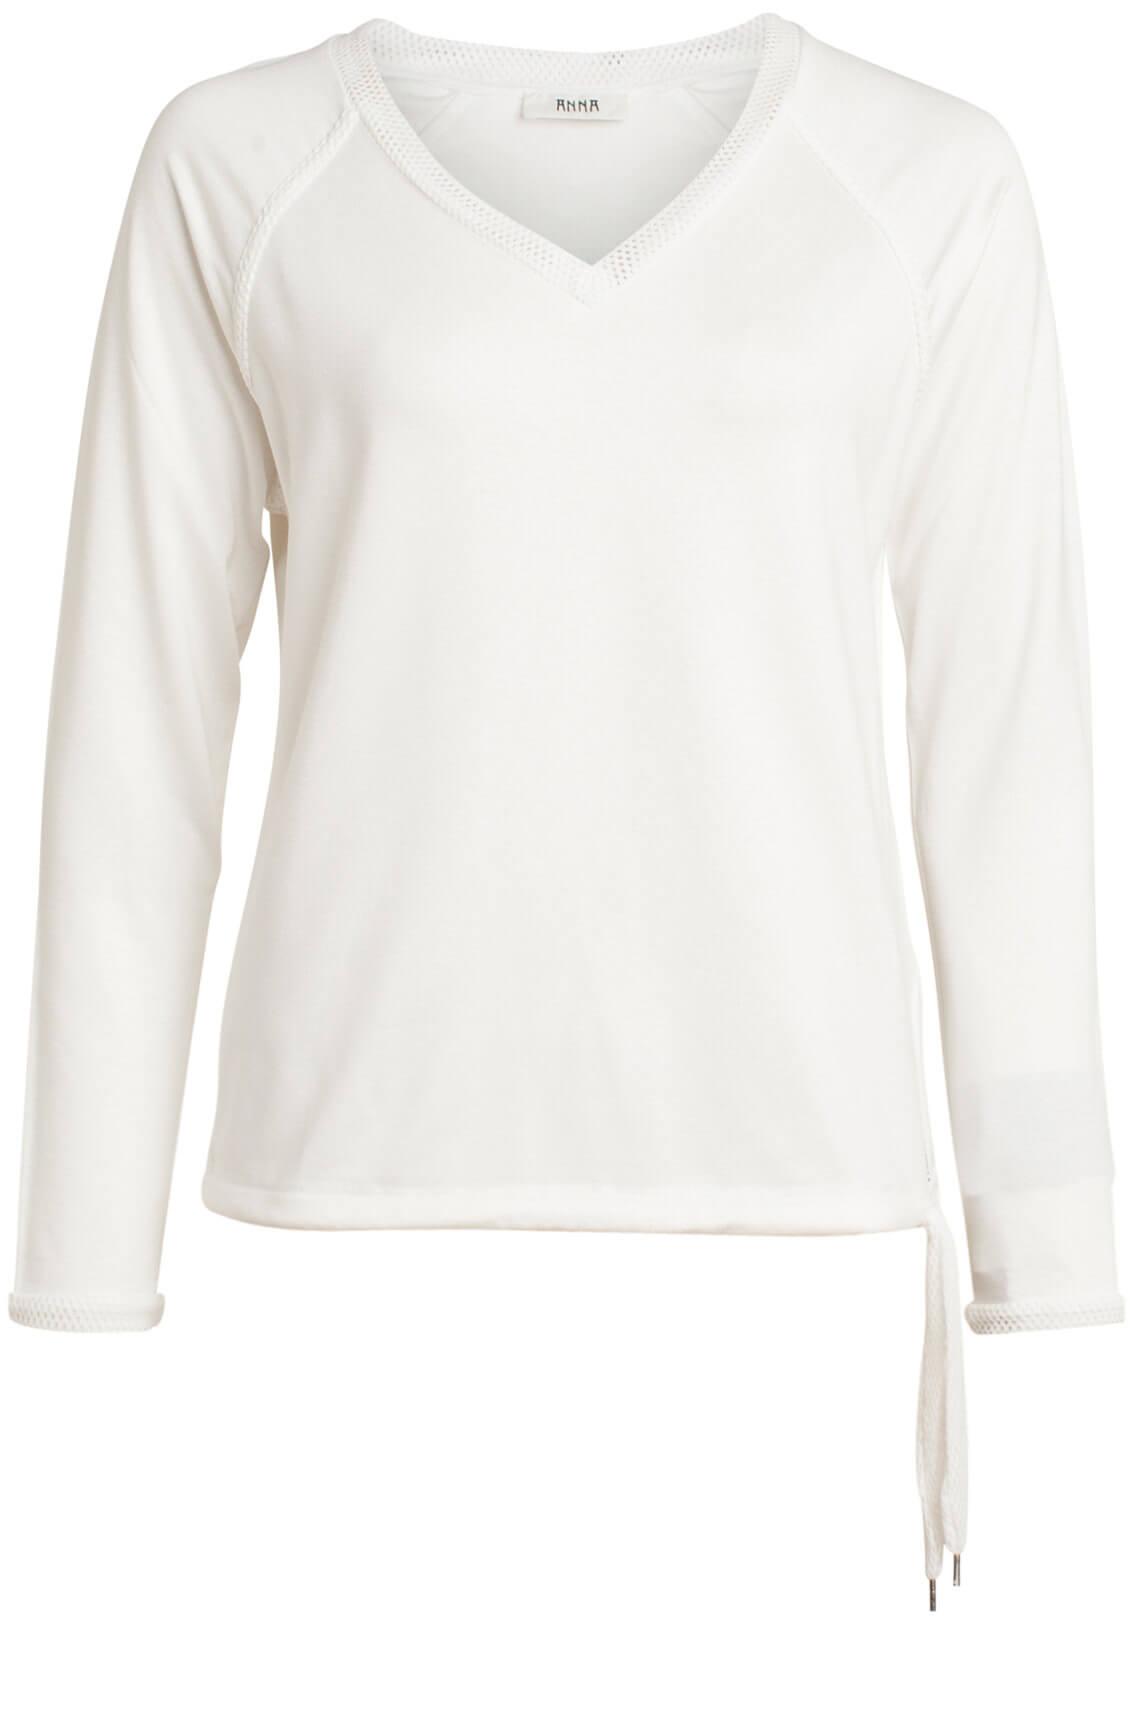 Anna Dames Shirt met mesh